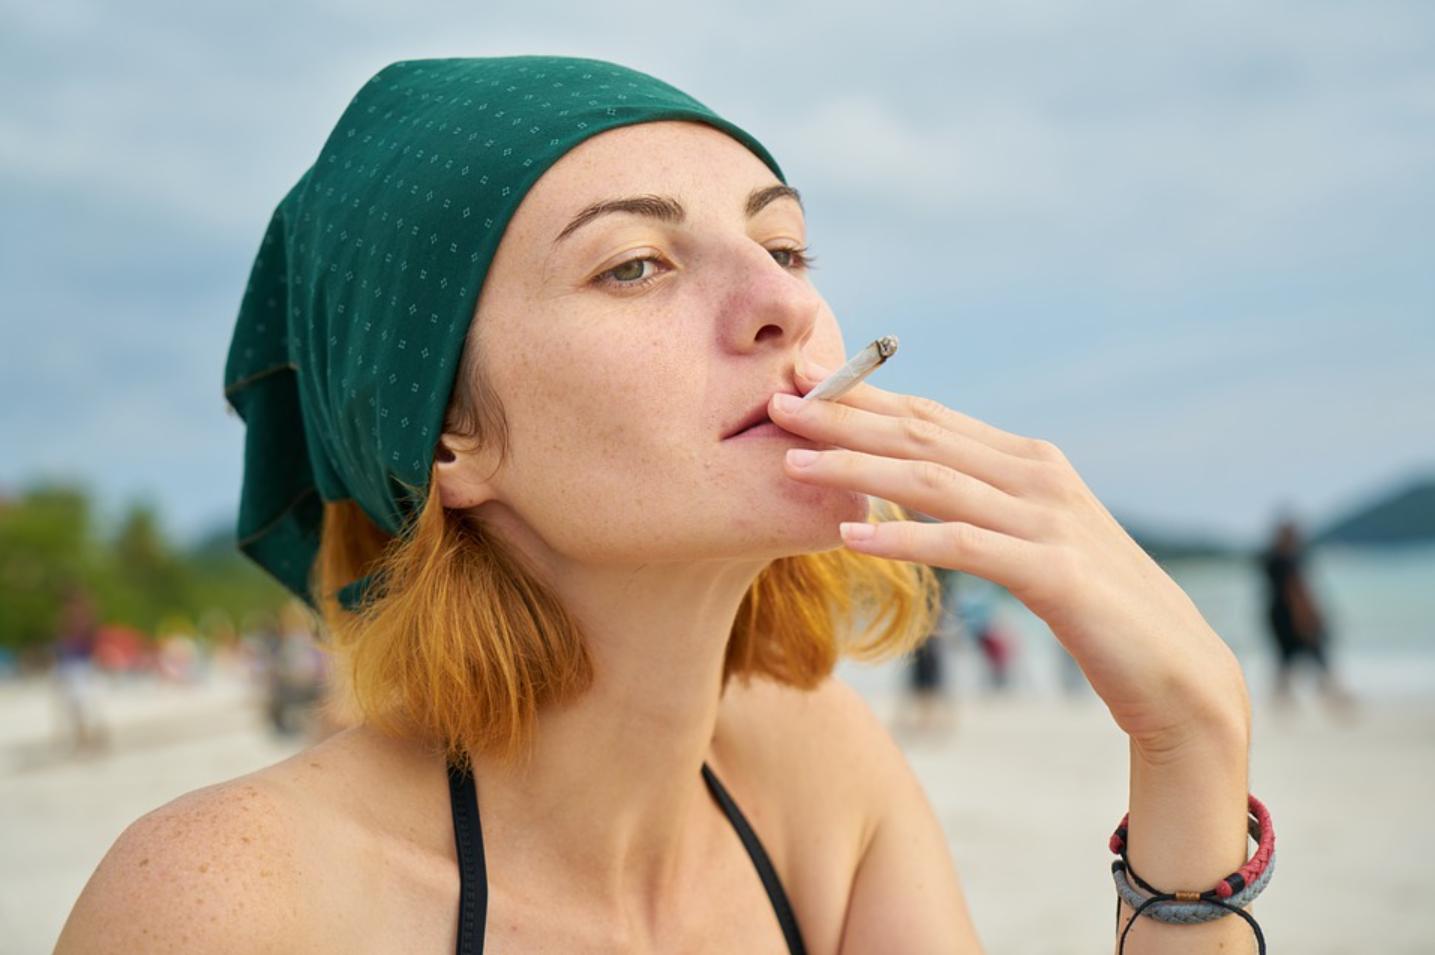 Нарколог напомнил об опасности курения в жару